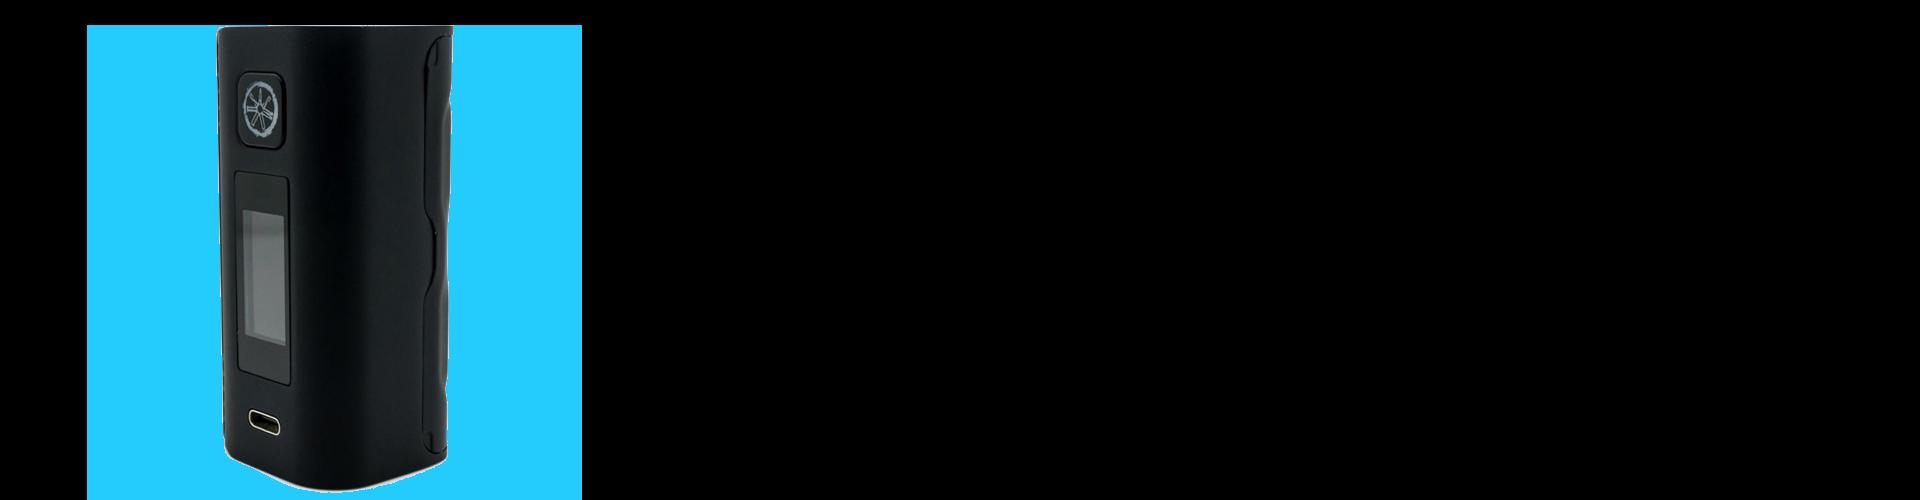 ASMODUS LUSTRO 200W BLACK